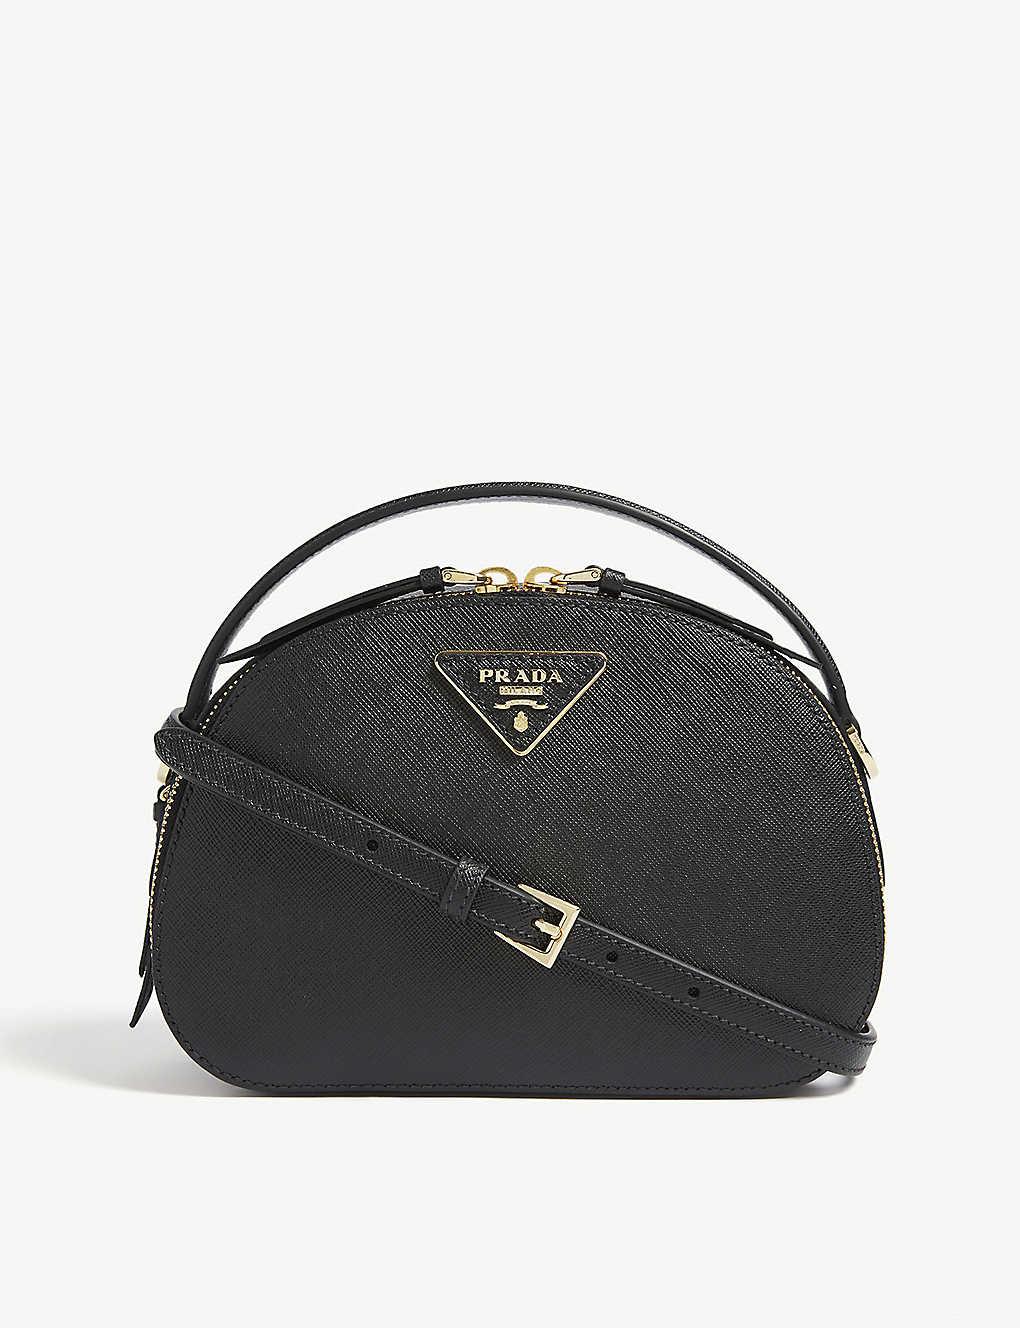 057bf9e9e PRADA - Odette saffiano leather cross-body bag | Selfridges.com